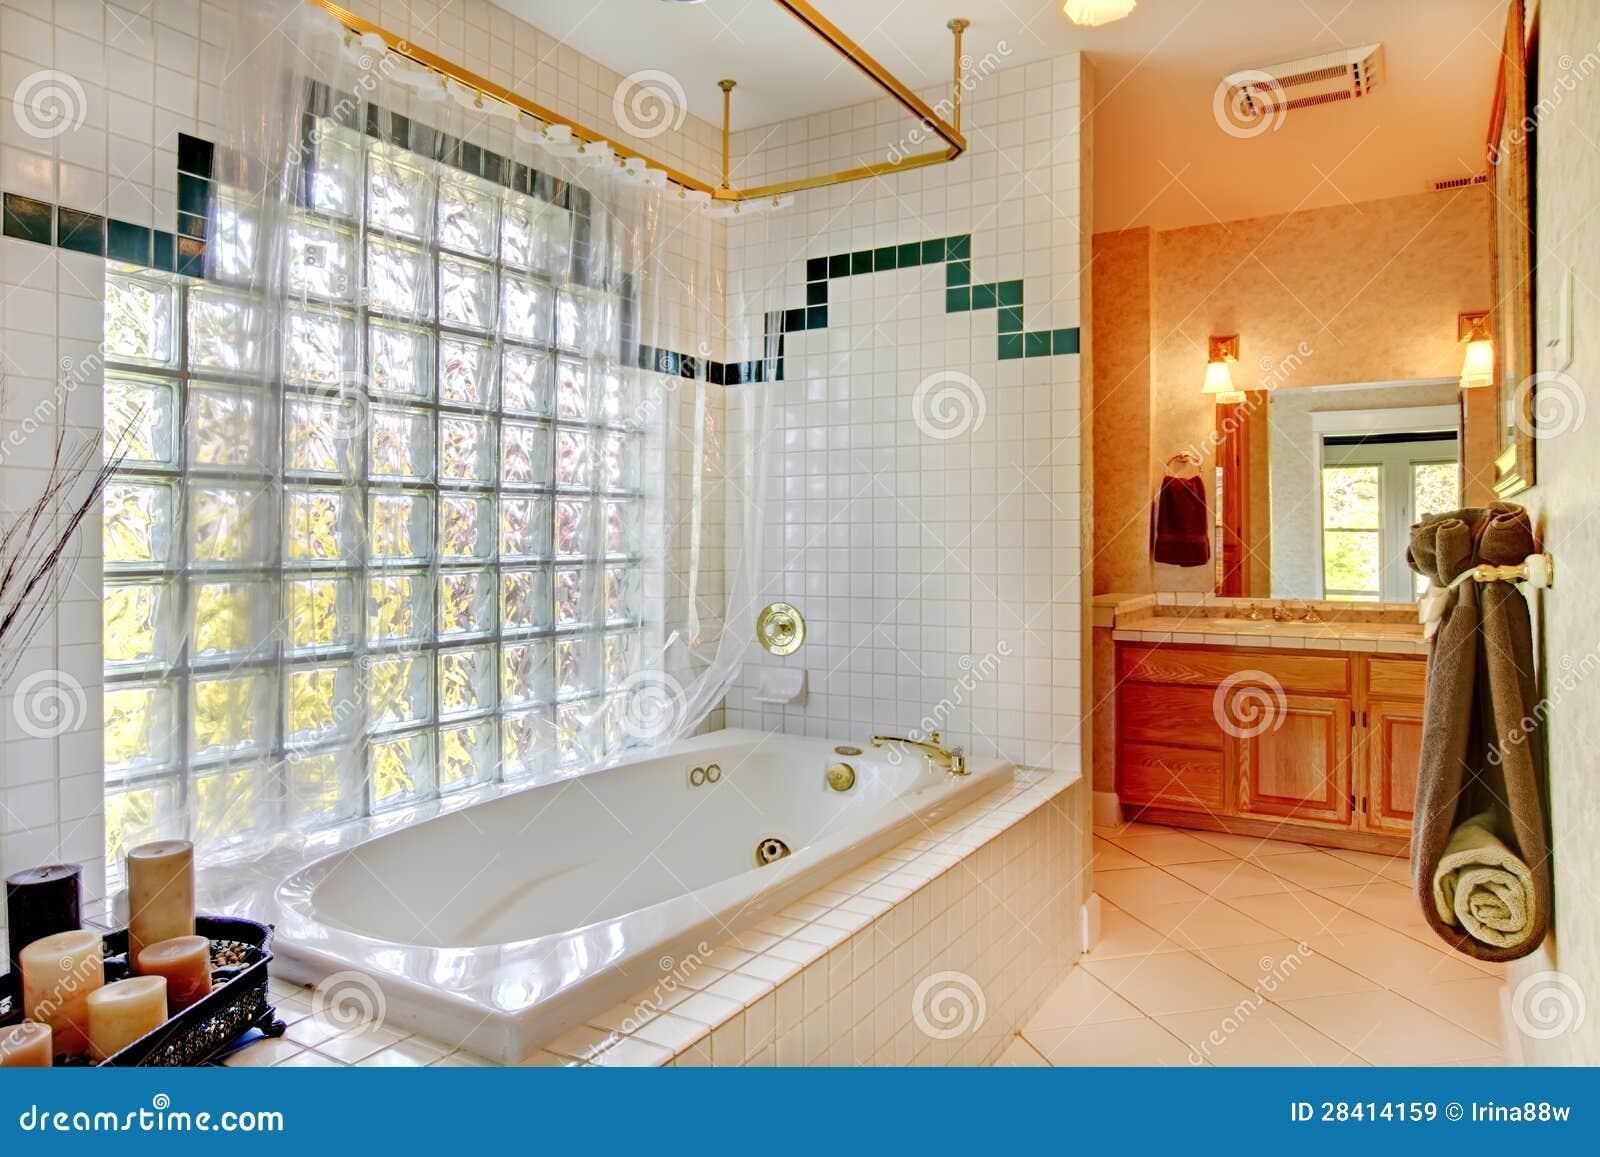 Banheiro Com Parede De Vidro E Cuba Imagens de Stock Royalty Free  Imagem  -> Cuba De Vidro Para Banheiro Telha Norte